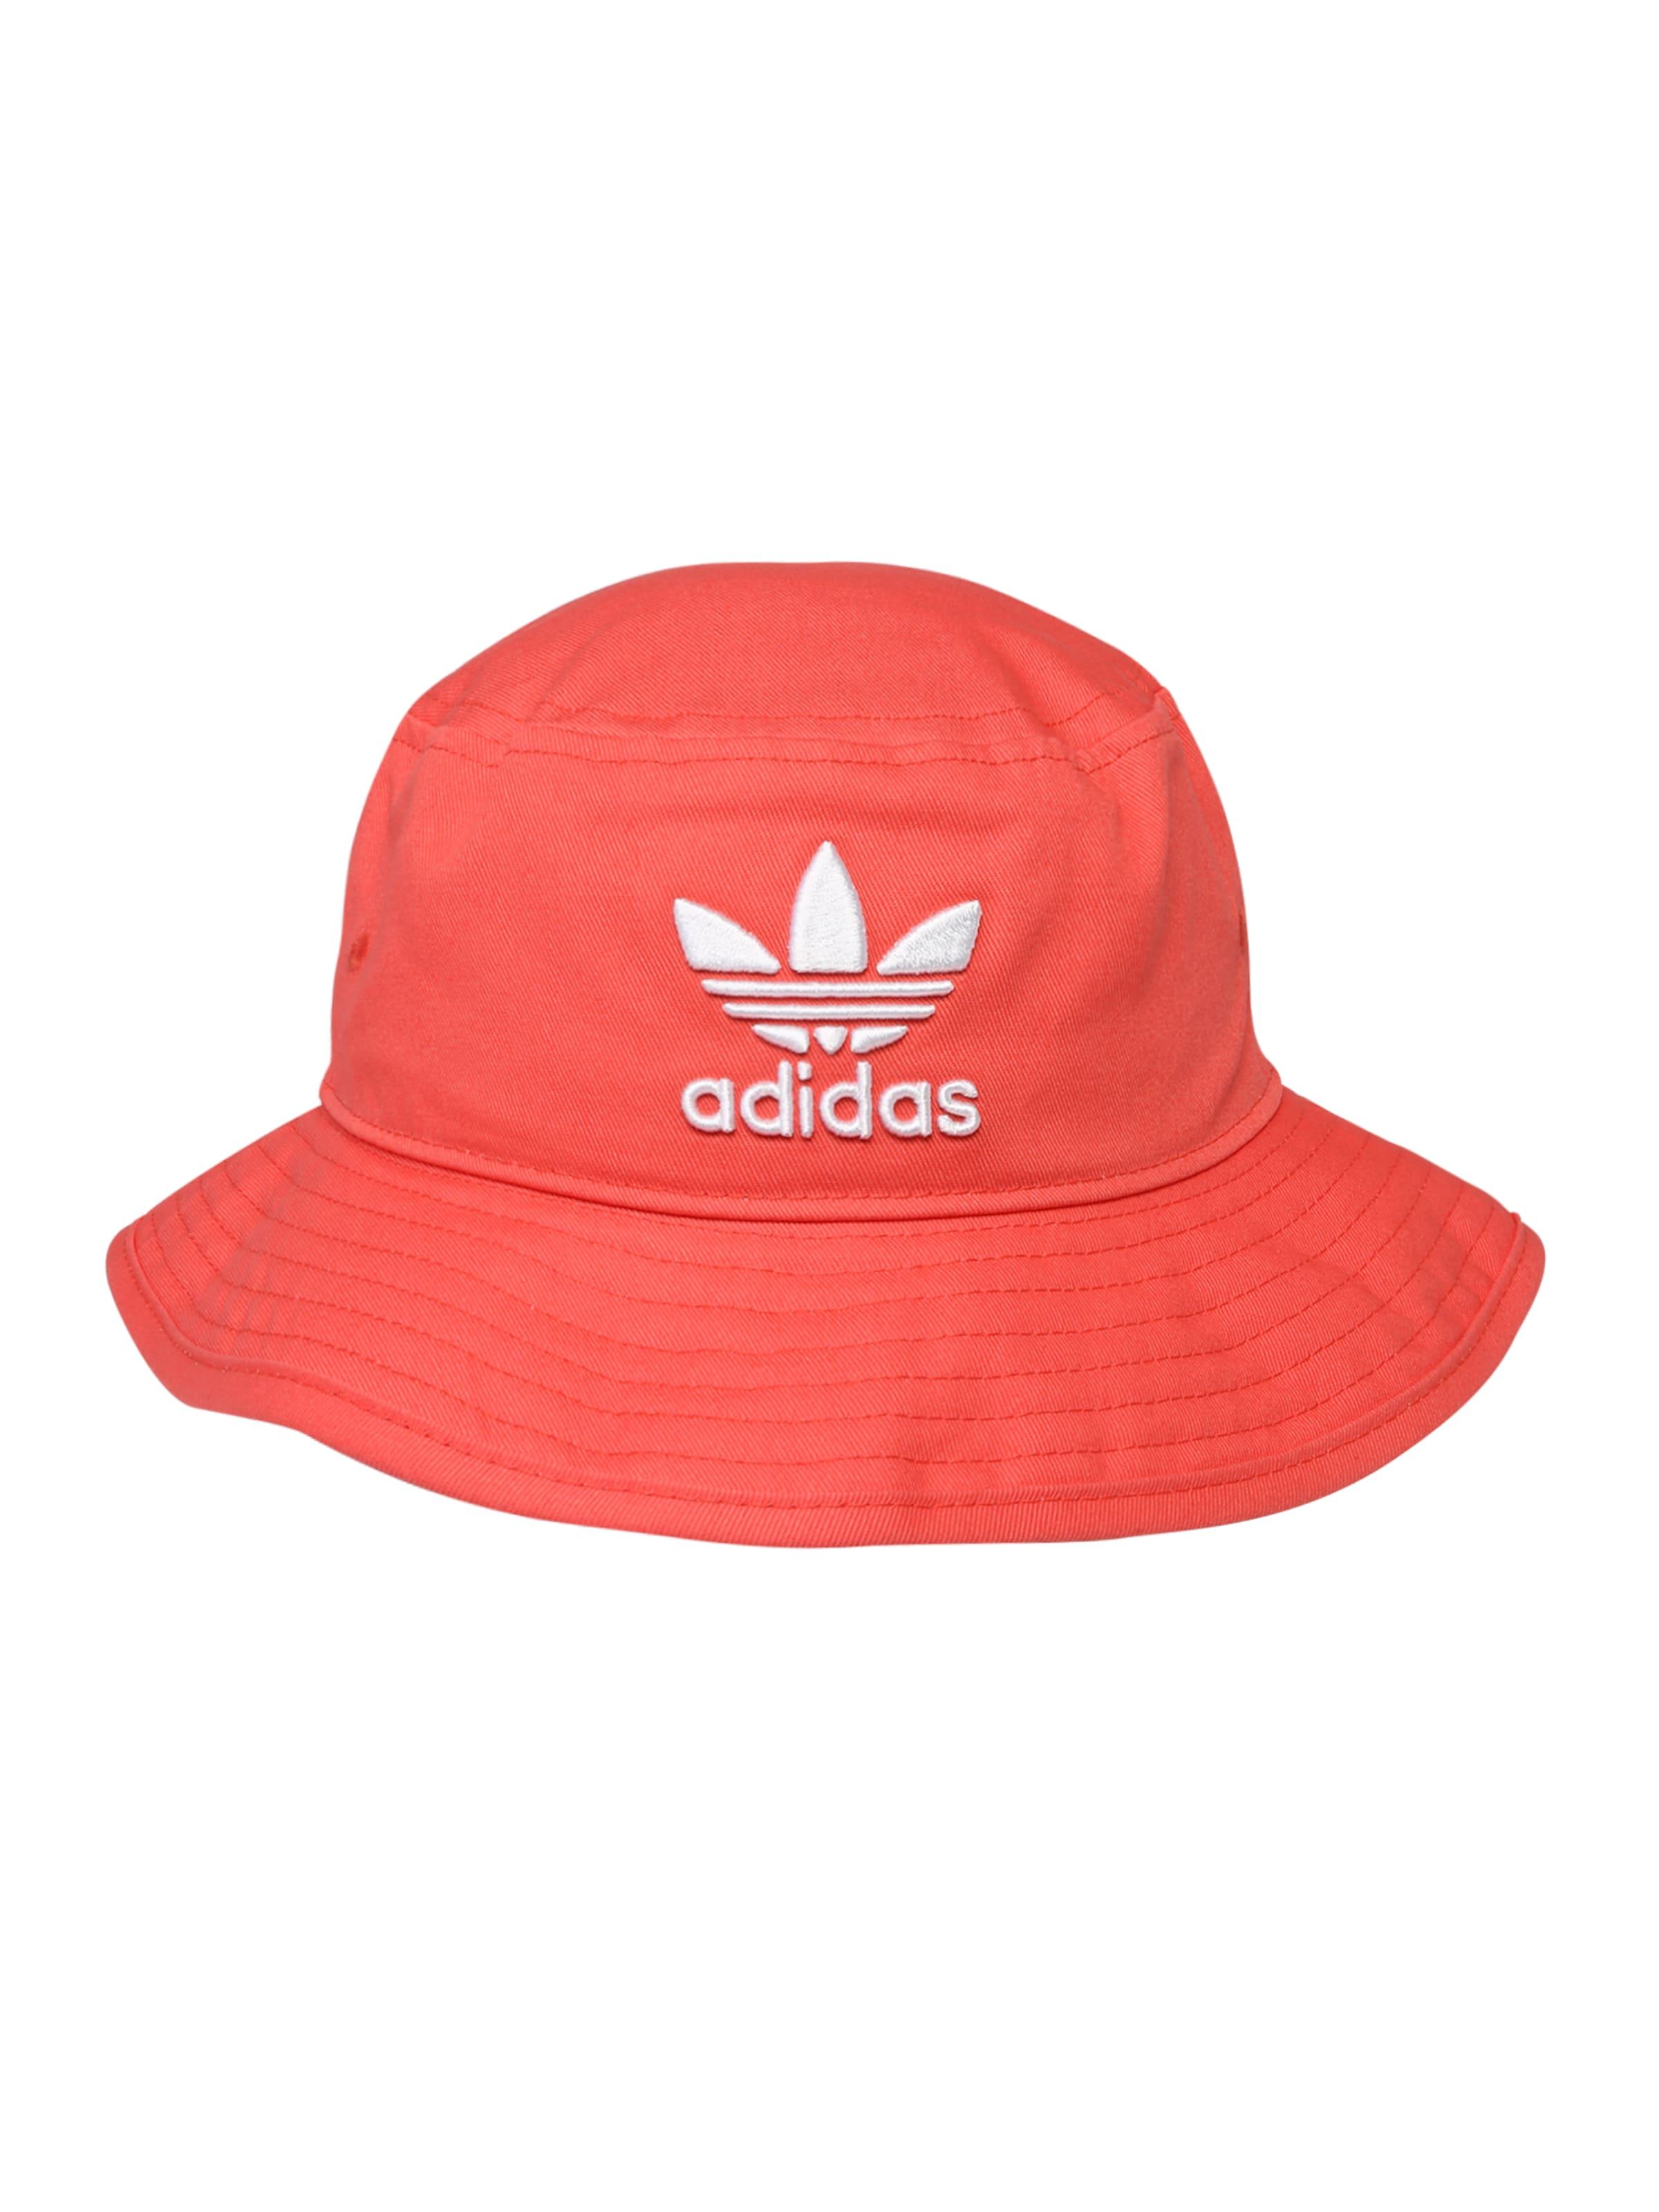 Adidas Originals Adidas Muts Lichtrood Originals In fg6bY7y